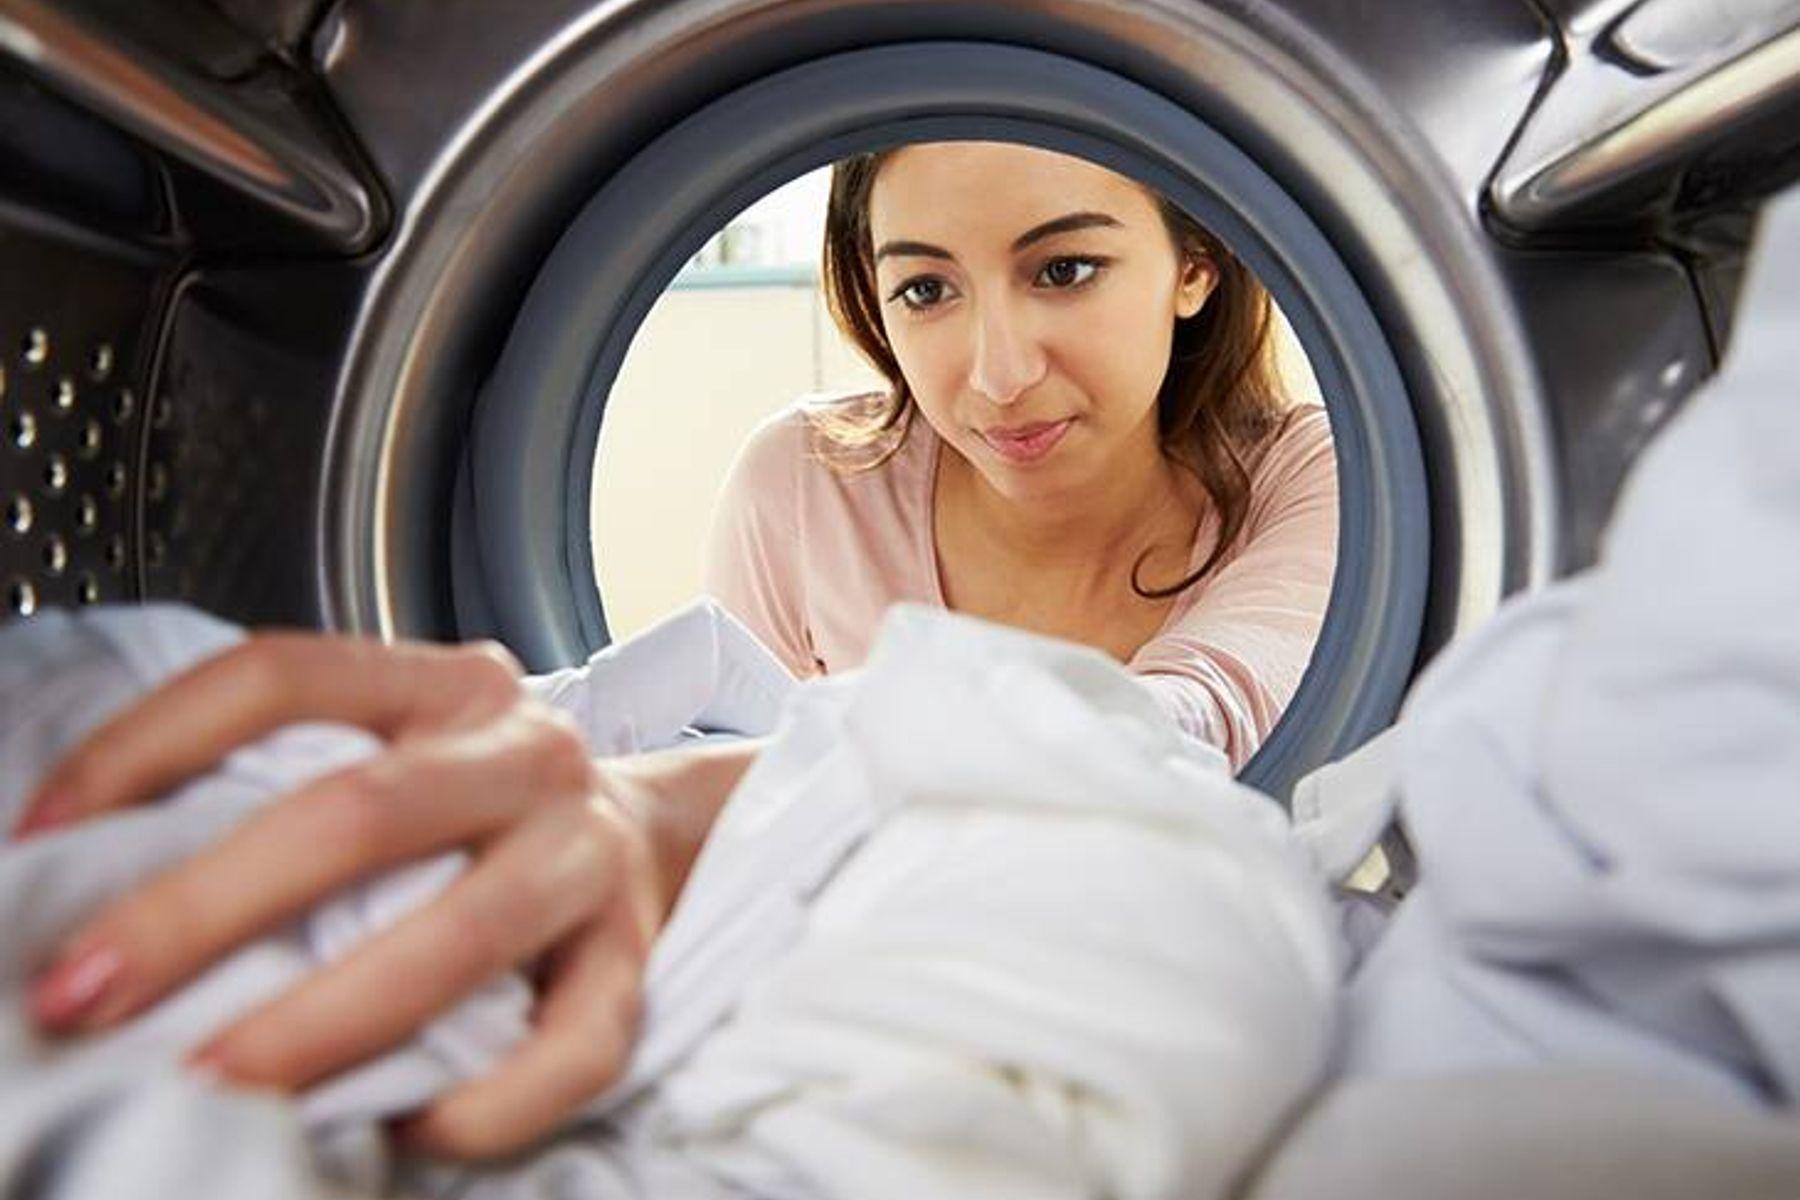 Mẹo giặt đồ cần nhớ: Phân loại quần áo khi giặt